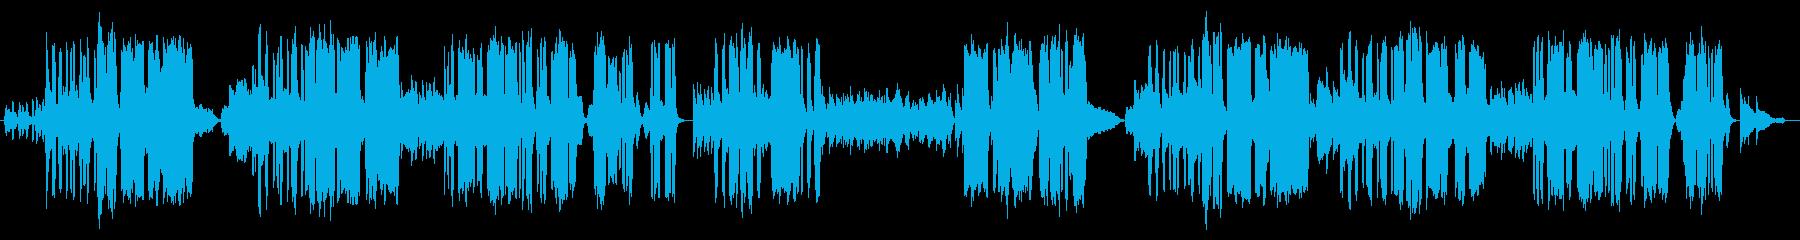 ユニークなクラシック風ボーカル曲の再生済みの波形